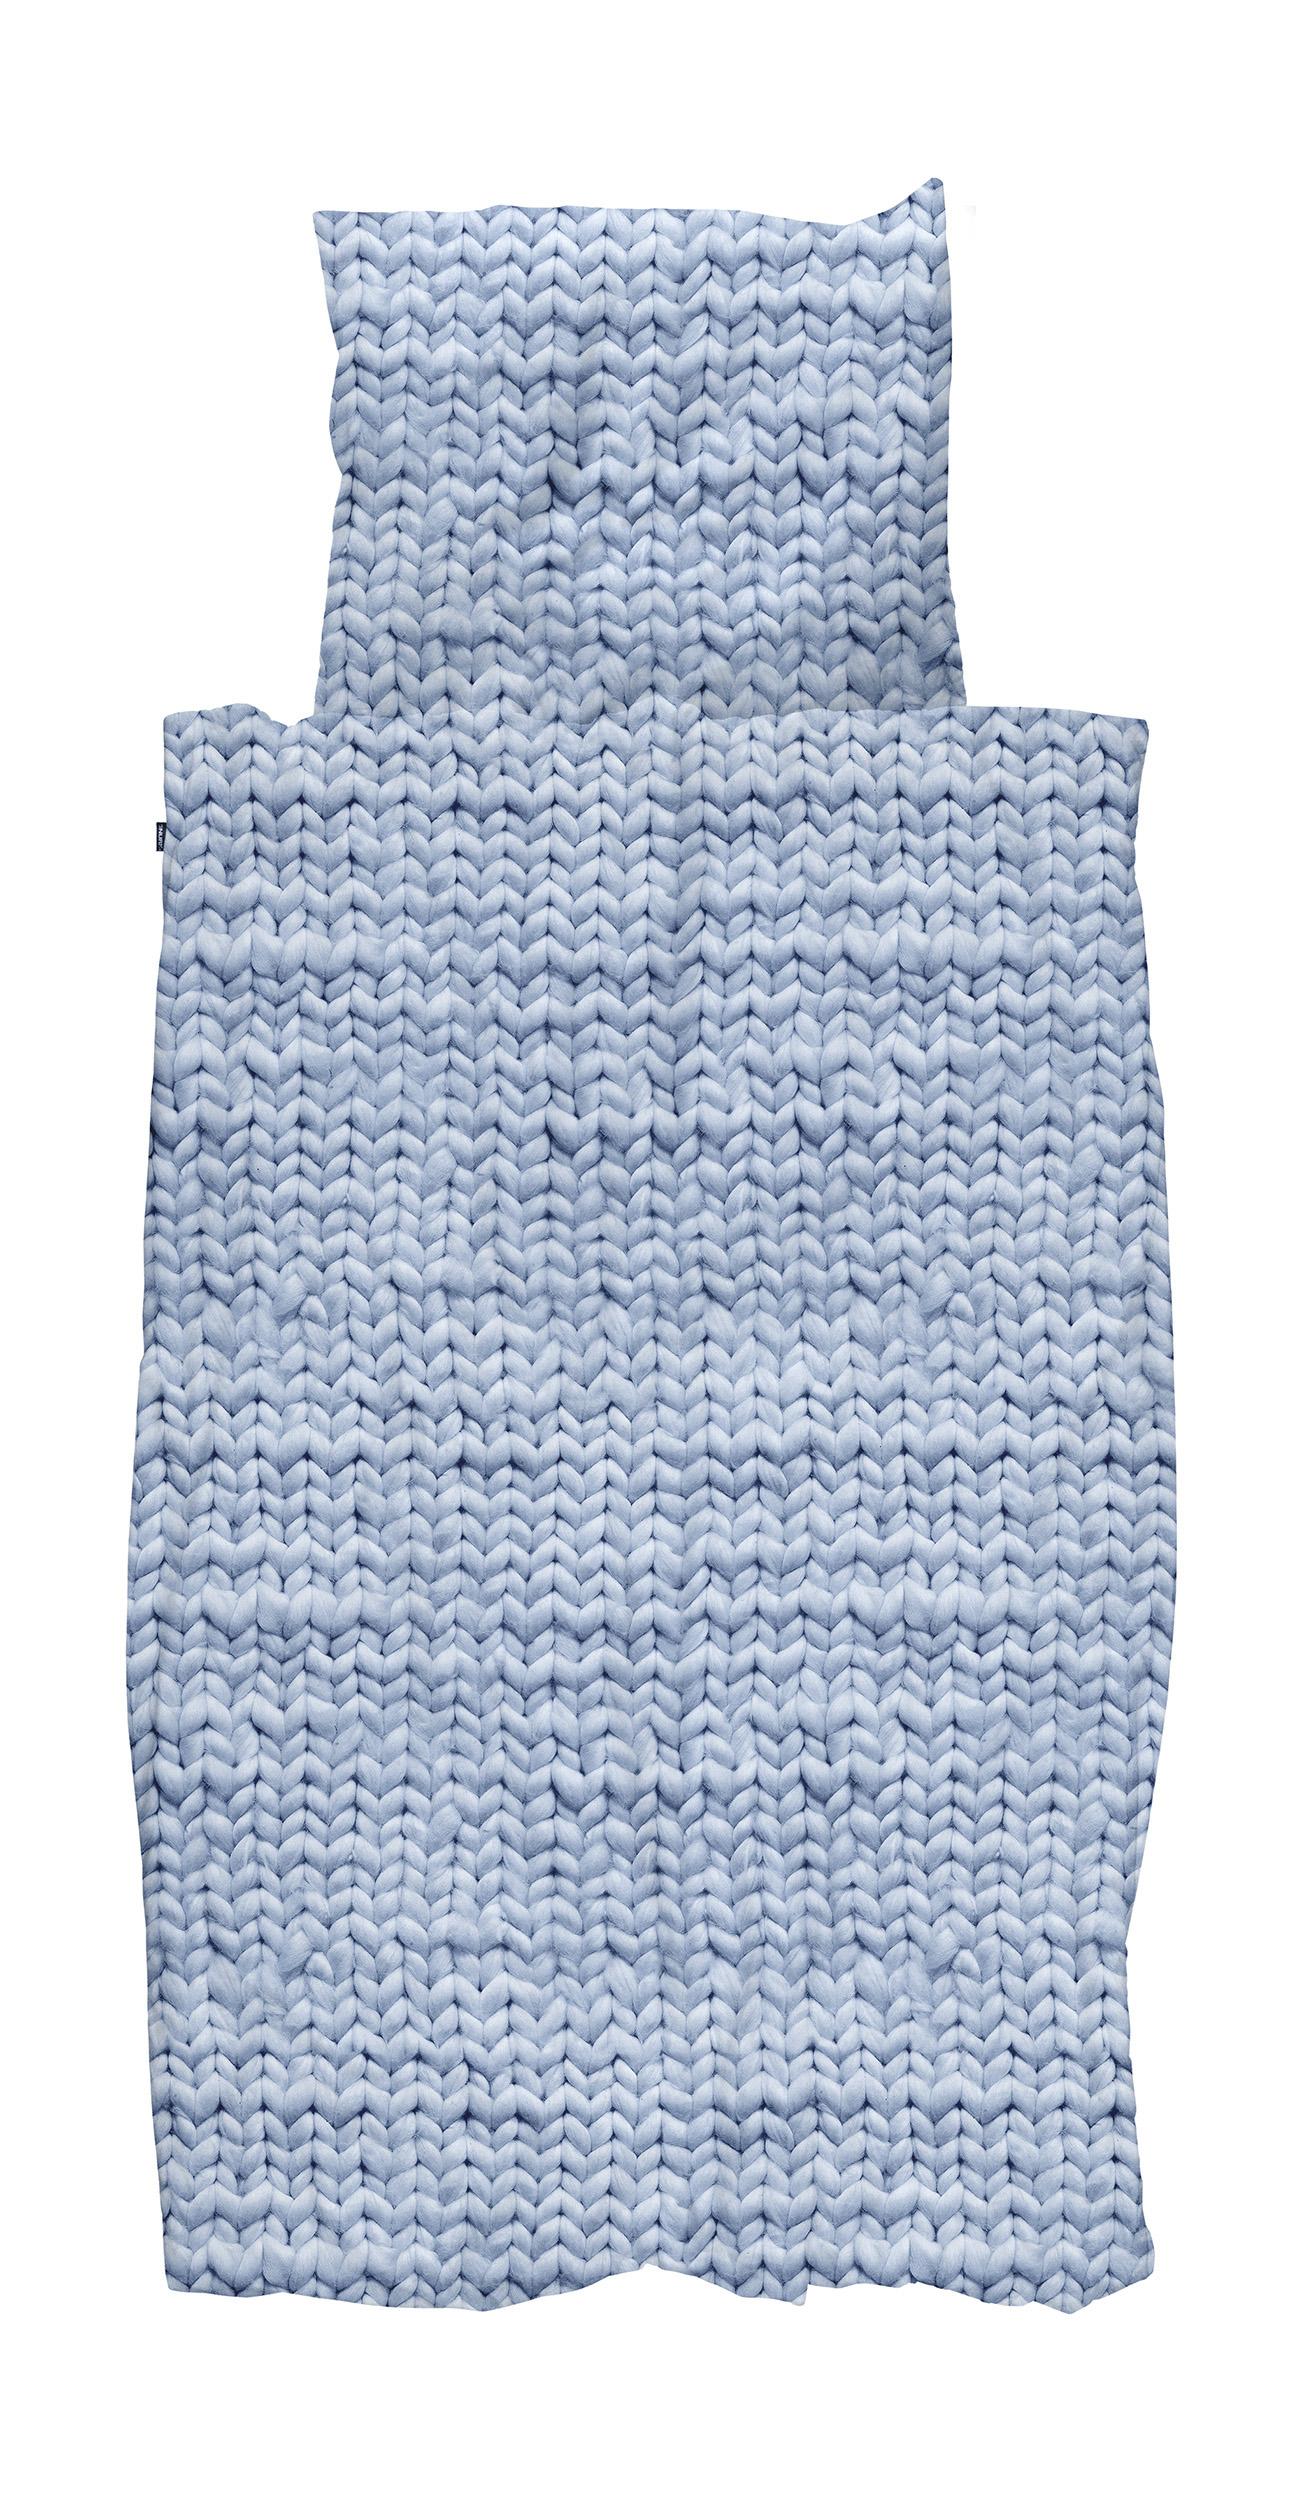 Купить Комплект постельного белья Косичка синий 220х200, inmyroom, Нидерланды